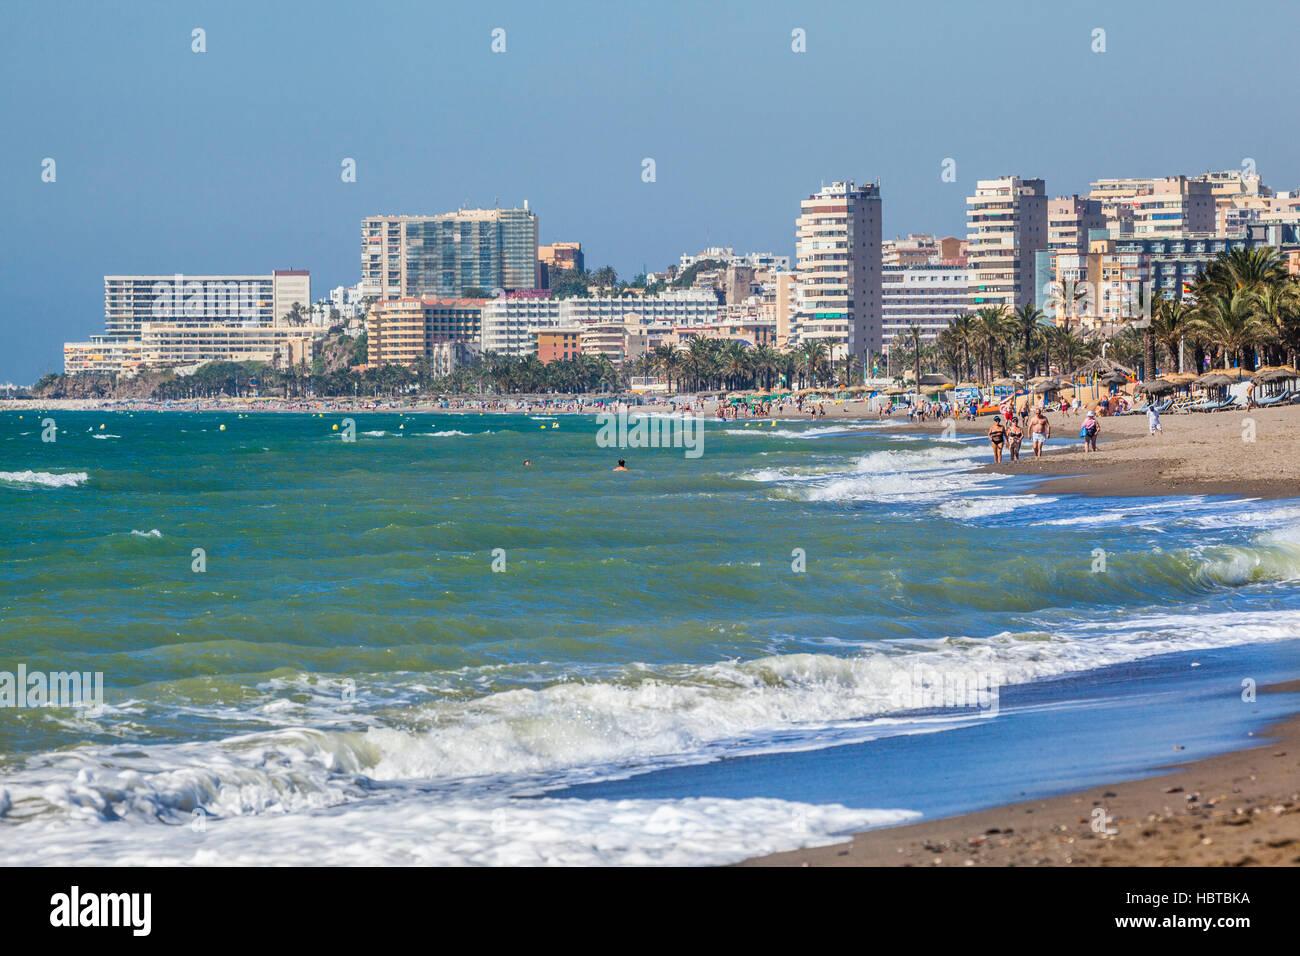 Spagna, Andalusia, provincia di Malaga, Costa del Sol, vista l'hotel-highrise skyline della località mediterranea Foto Stock